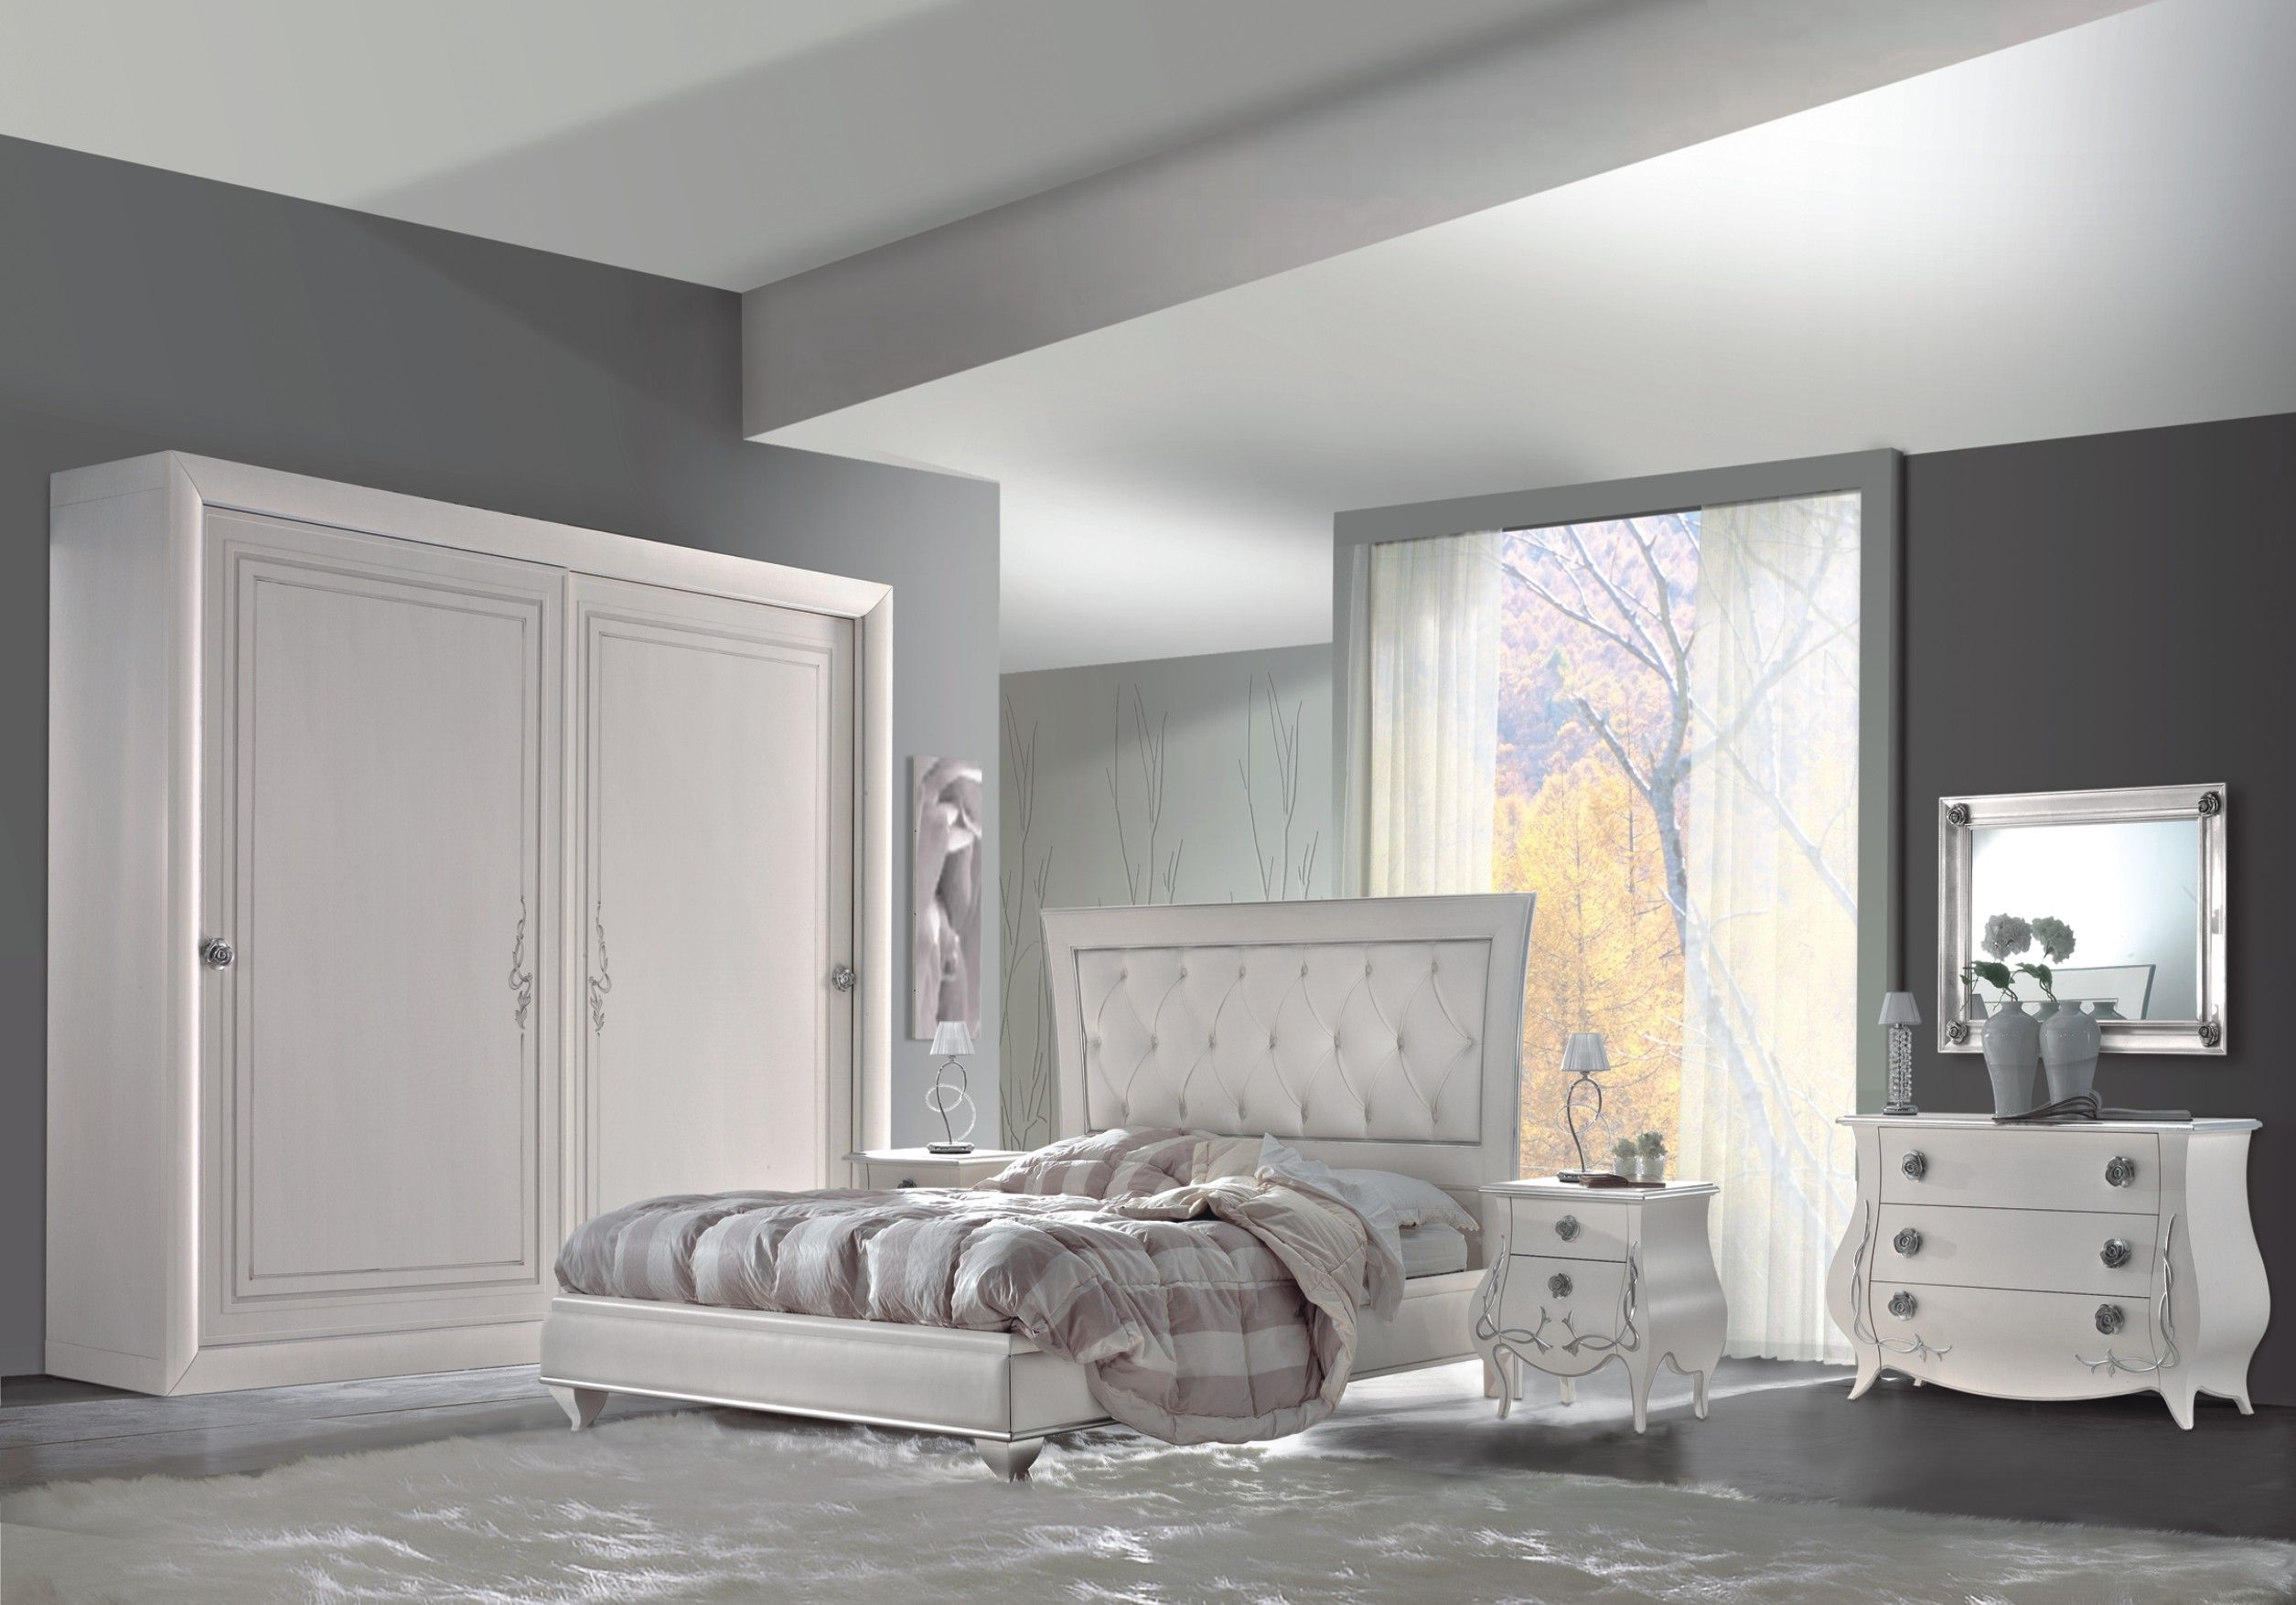 camera da letto bianco a pennello e foglia argento, linee bombate per il grup...